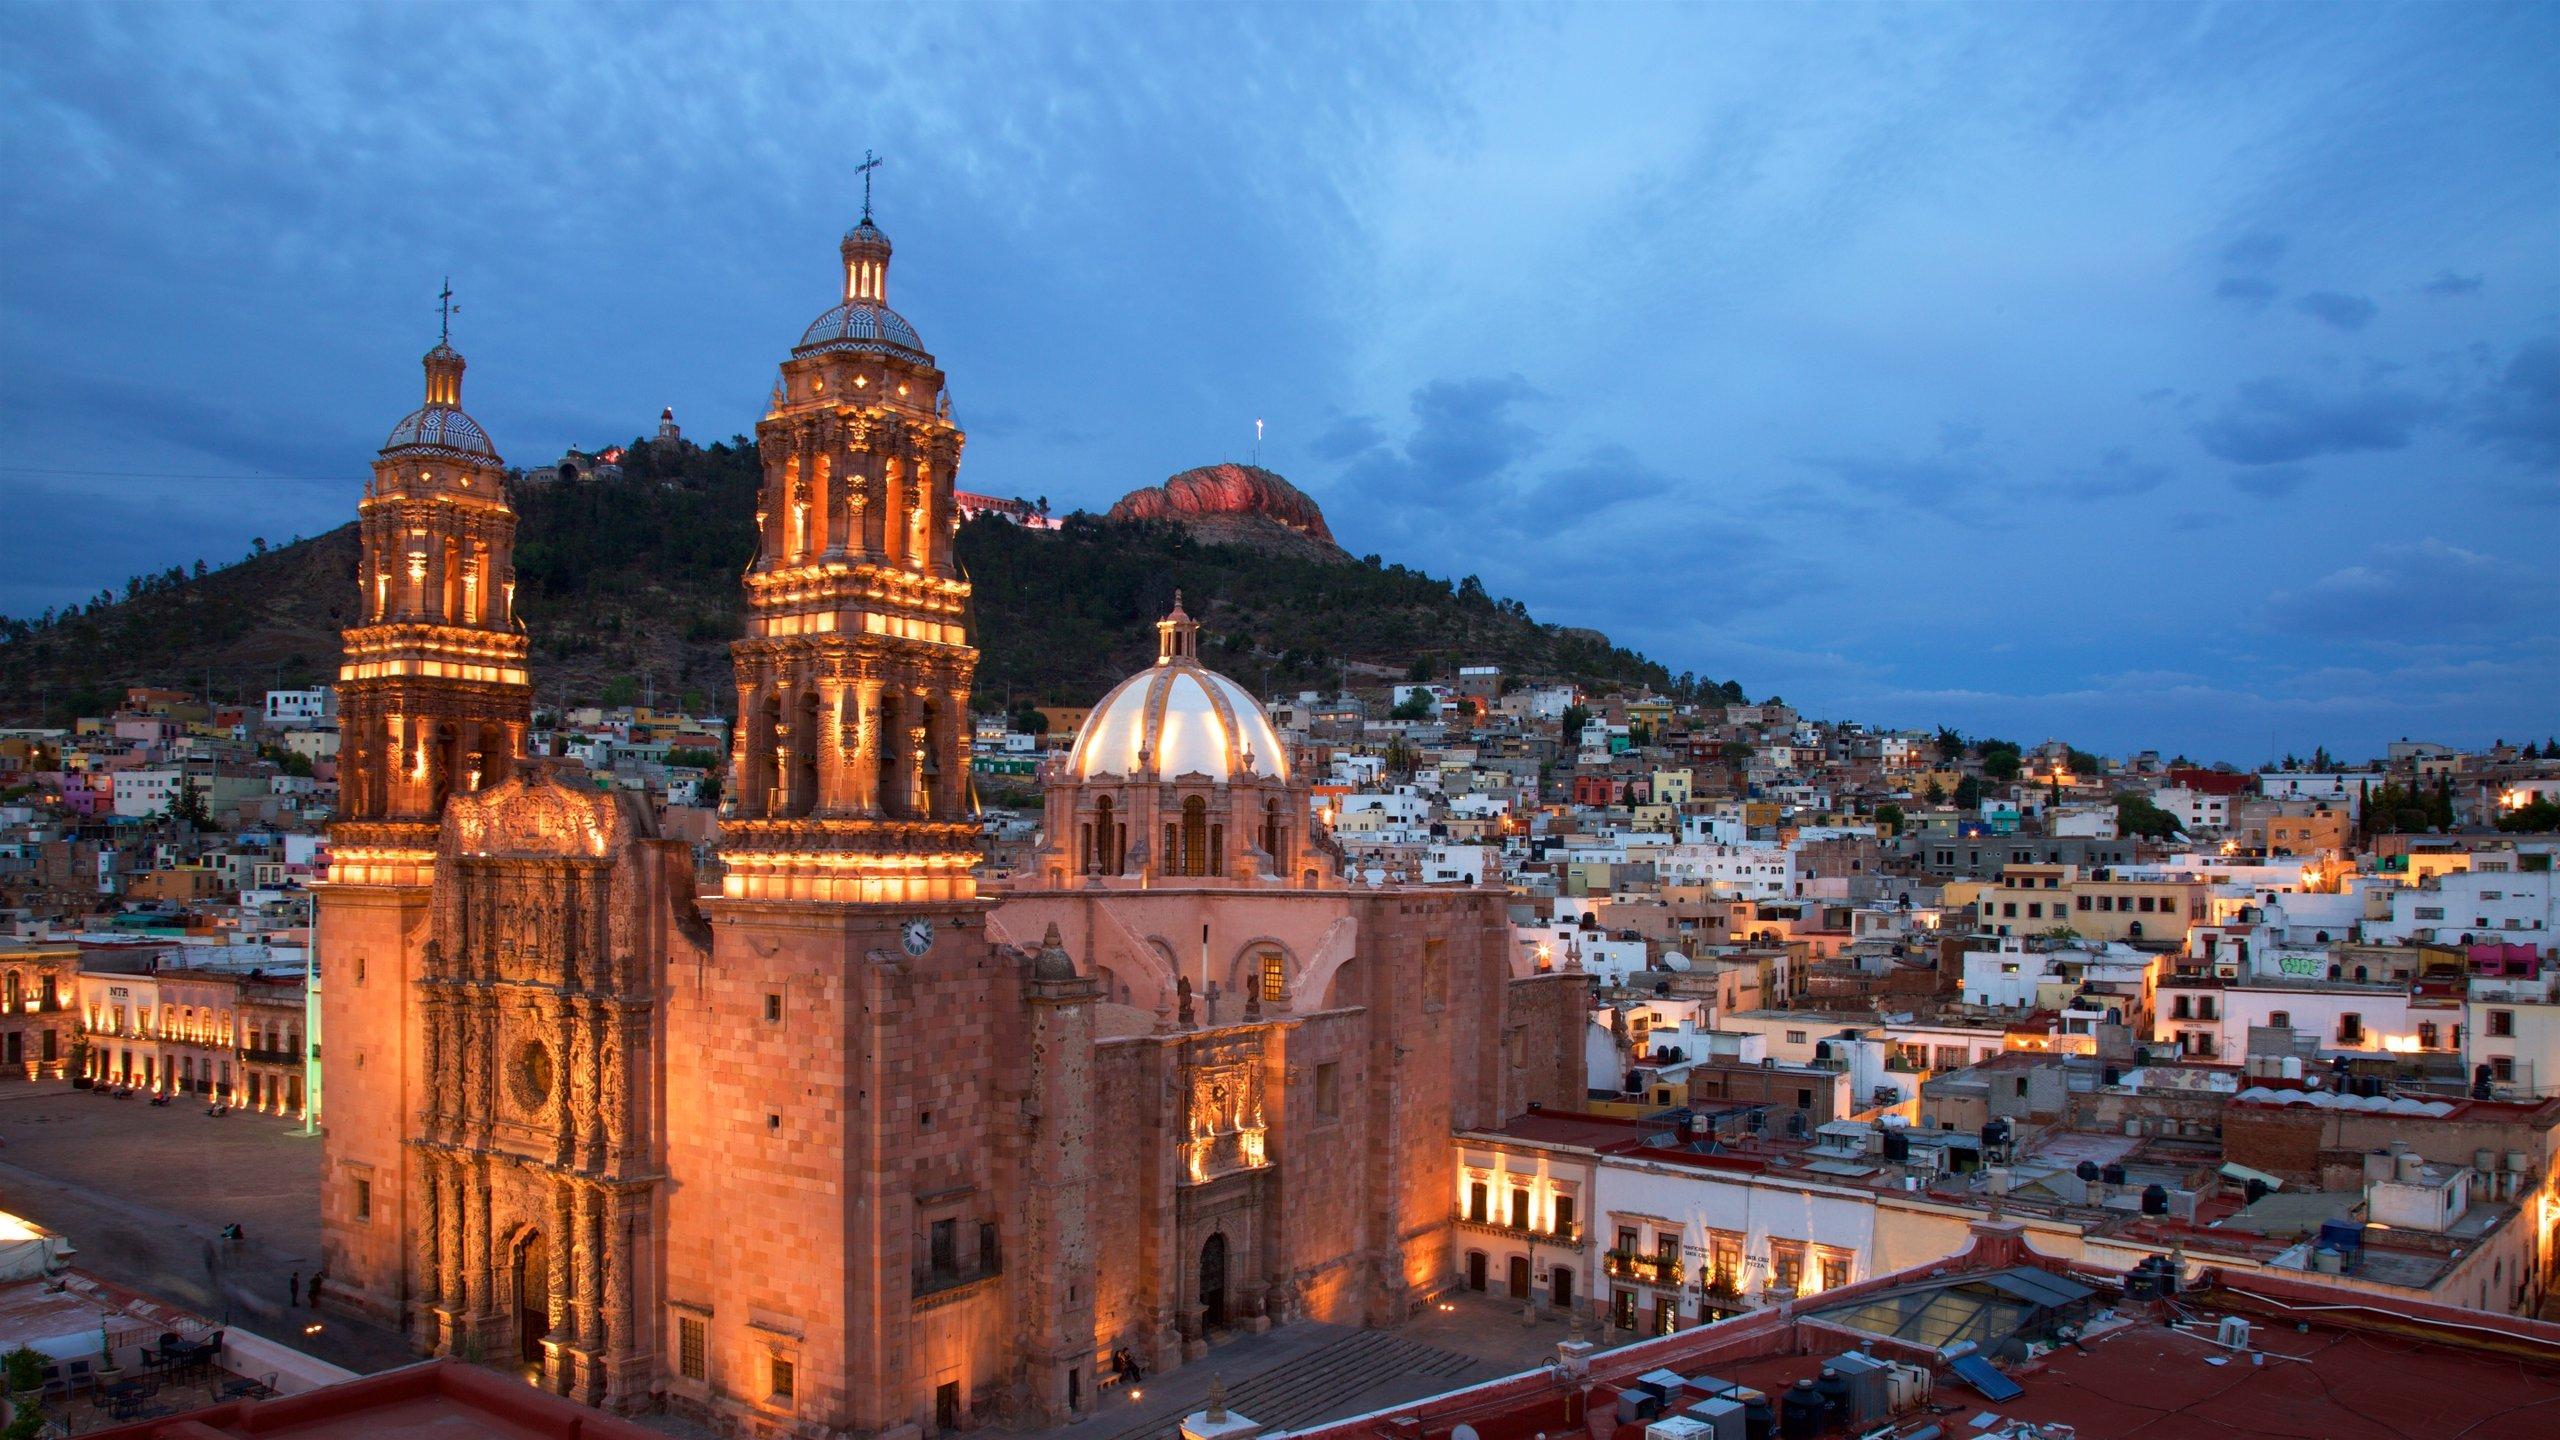 Centro Histórico de Zacatecas.